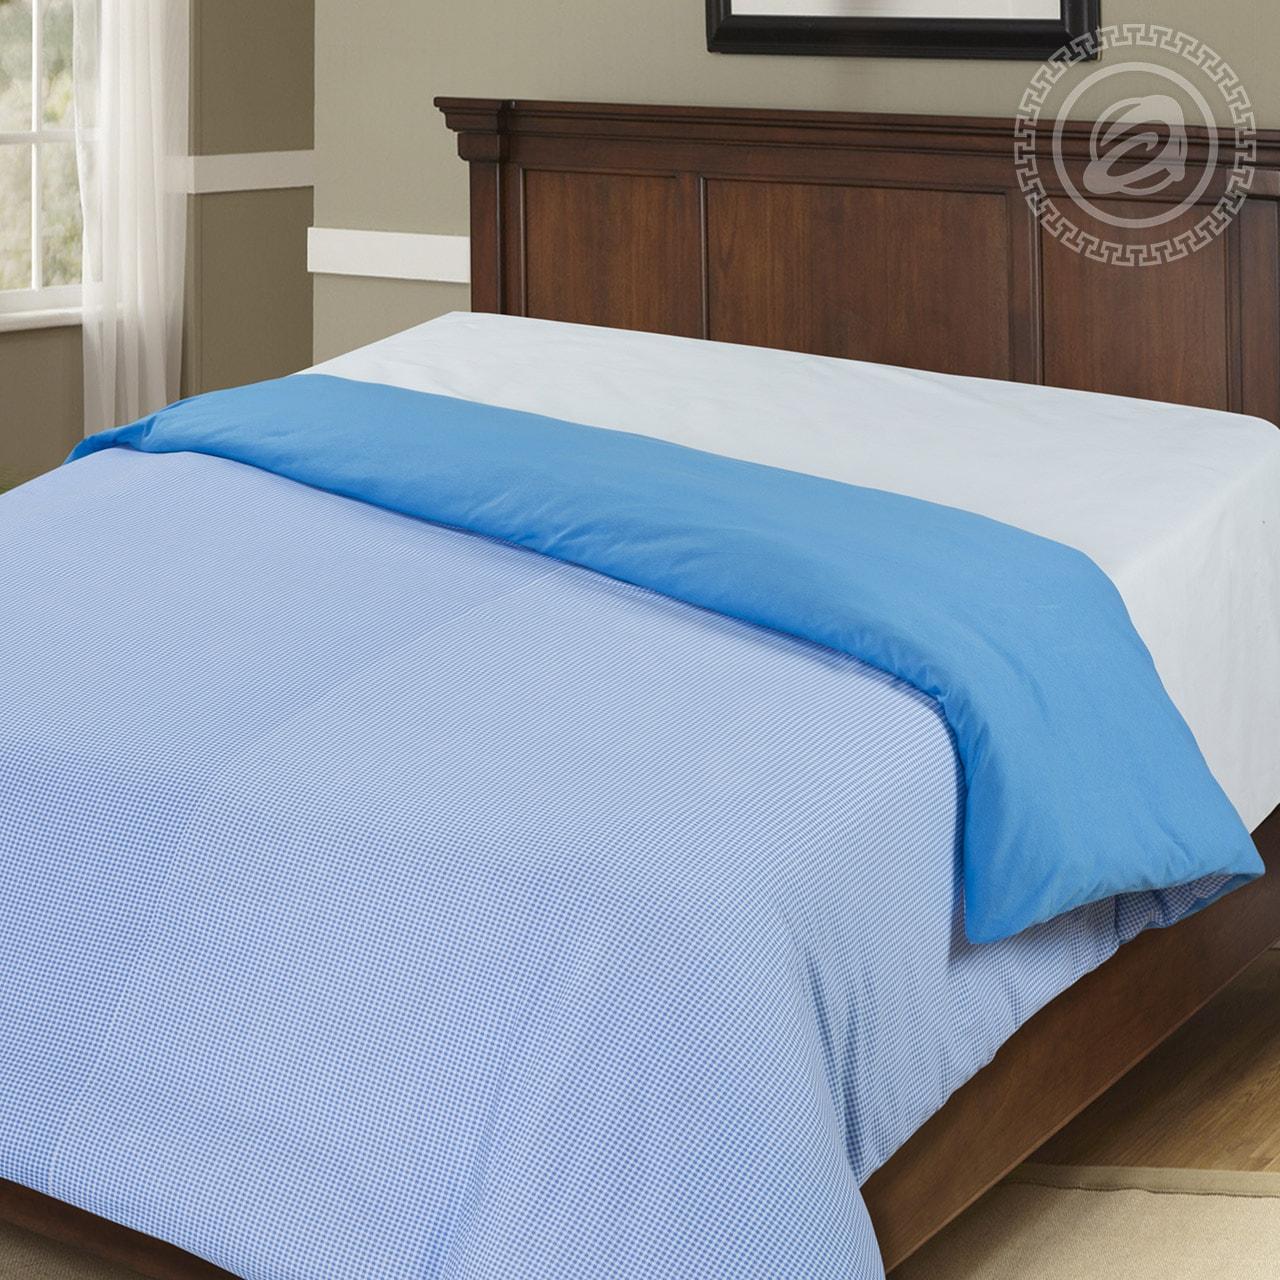 цена на Пододеяльник трикотажный на молнии iv36555 голубой (1.5 спальный (145х215))